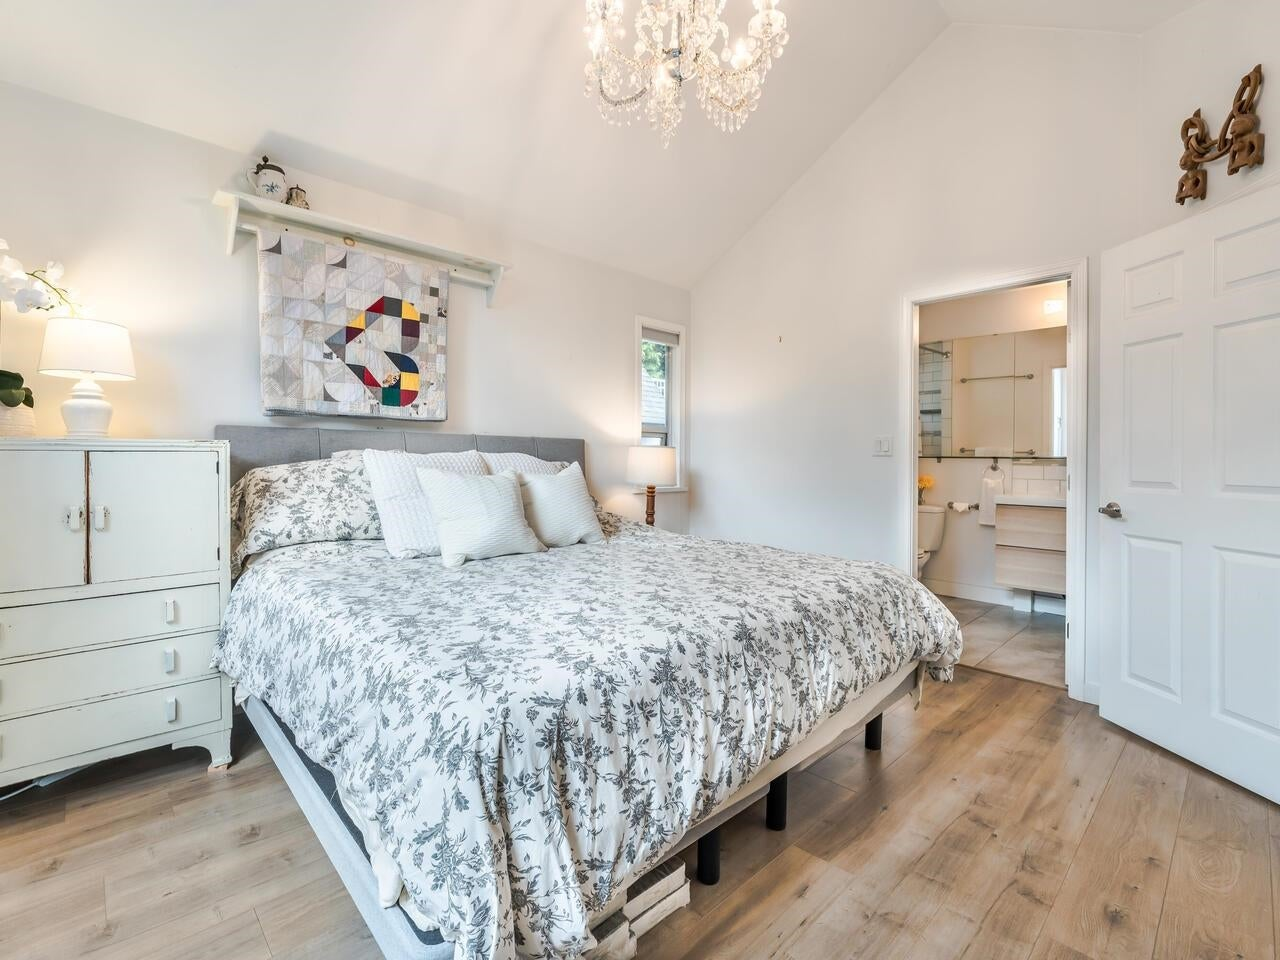 1231 E 11TH AVENUE - Mount Pleasant VE 1/2 Duplex for sale, 3 Bedrooms (R2625828) - #23